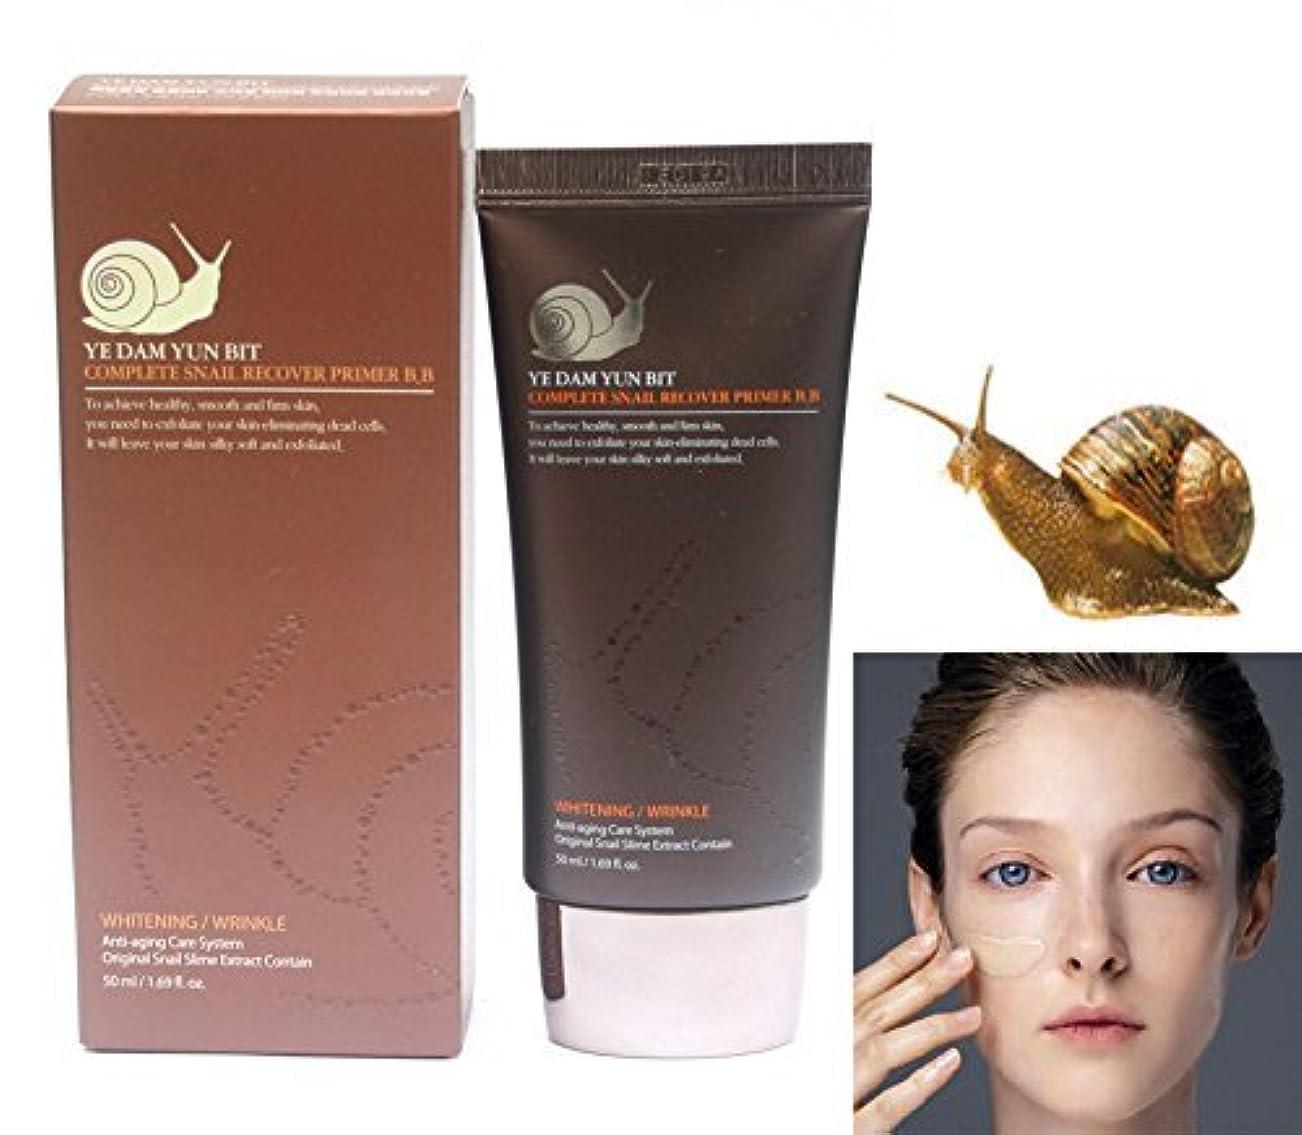 誘発する橋脚からかう[YEDAM YUNBIT] 完全なカタツムリ?リカバリー?プライマーBB 50ml /韓国化粧品 / Complete Snail Recover Primer BB 50ml / Korean Cosmetics (3EA) [並行輸入品]